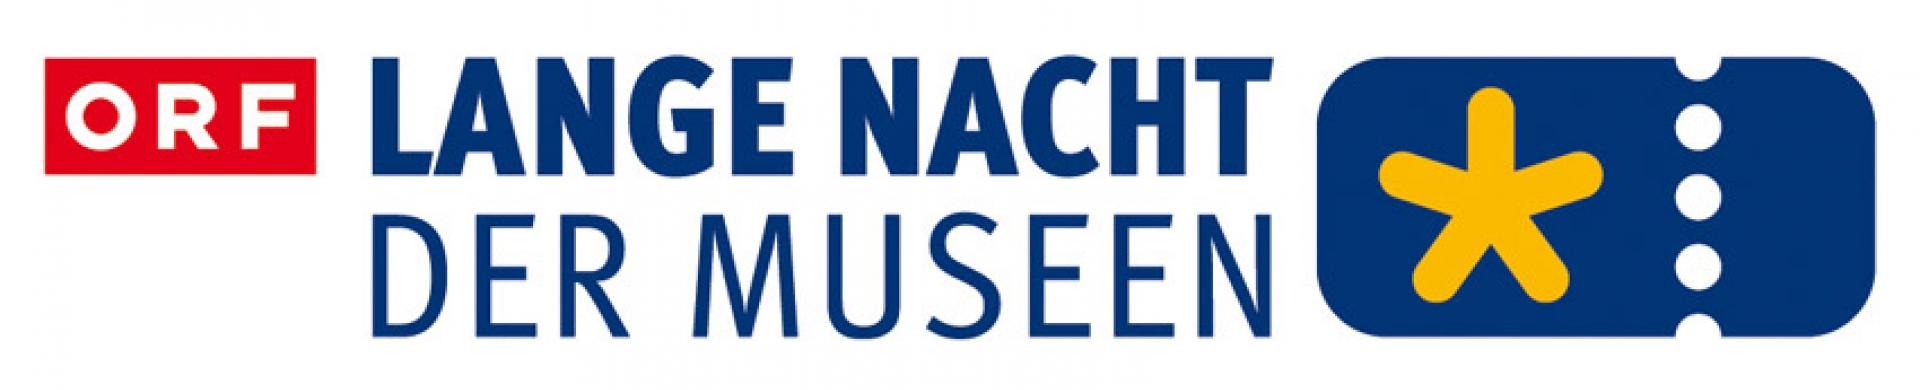 Lange Nacht der Museen_Logo (c) ORF